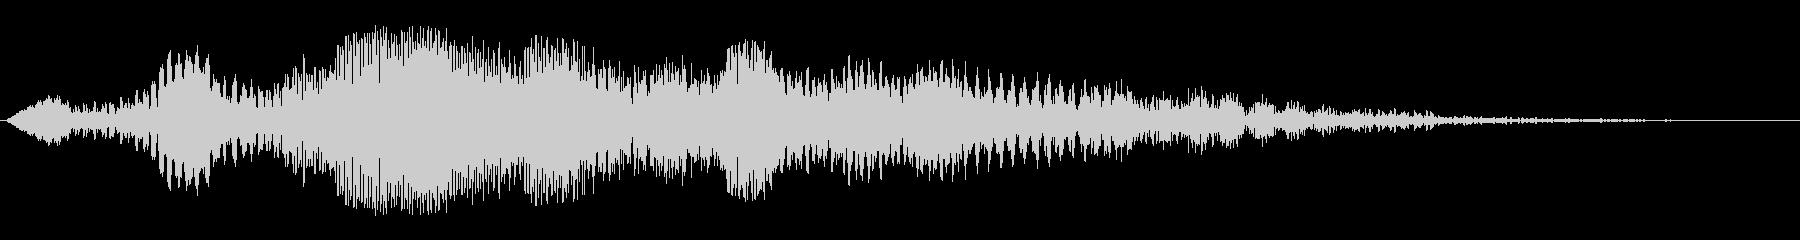 ミョーン(宇宙、近未来、コンピュータ)の未再生の波形